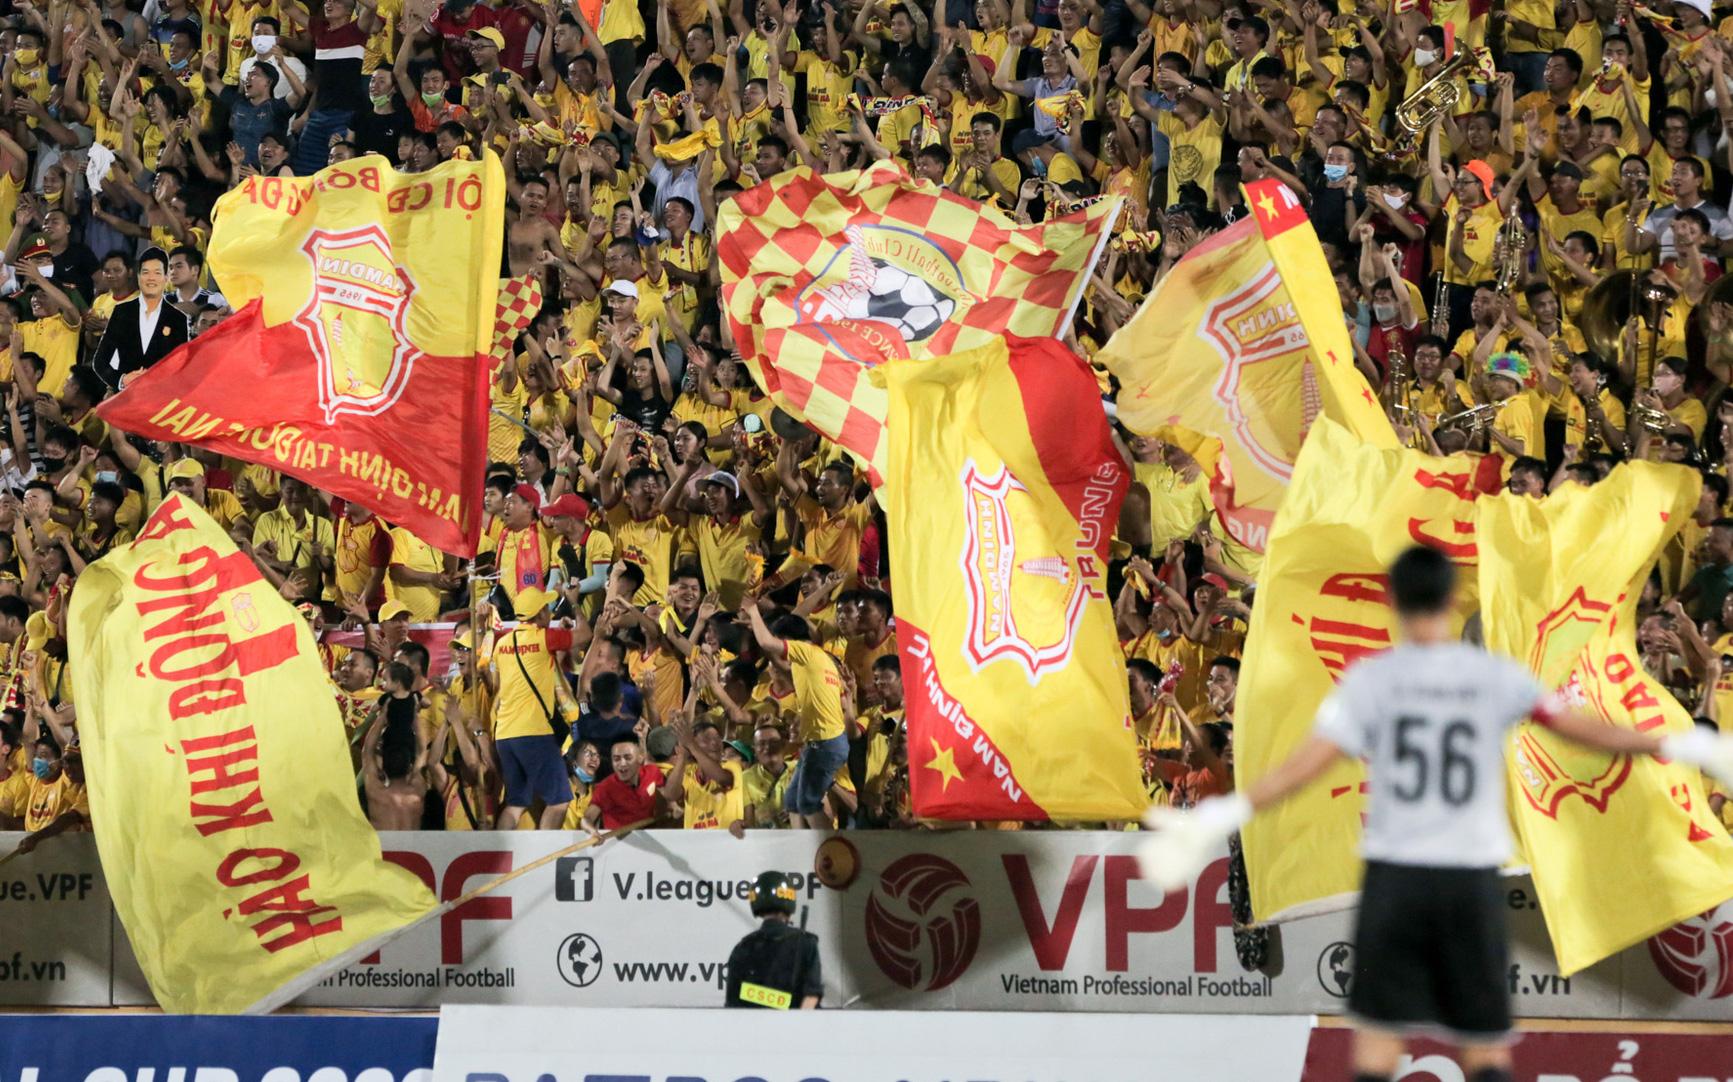 Hãng tin nổi tiếng toàn cầu khen ngợi: Bóng đá Việt Nam khác biệt so với phần còn lại của thế giới